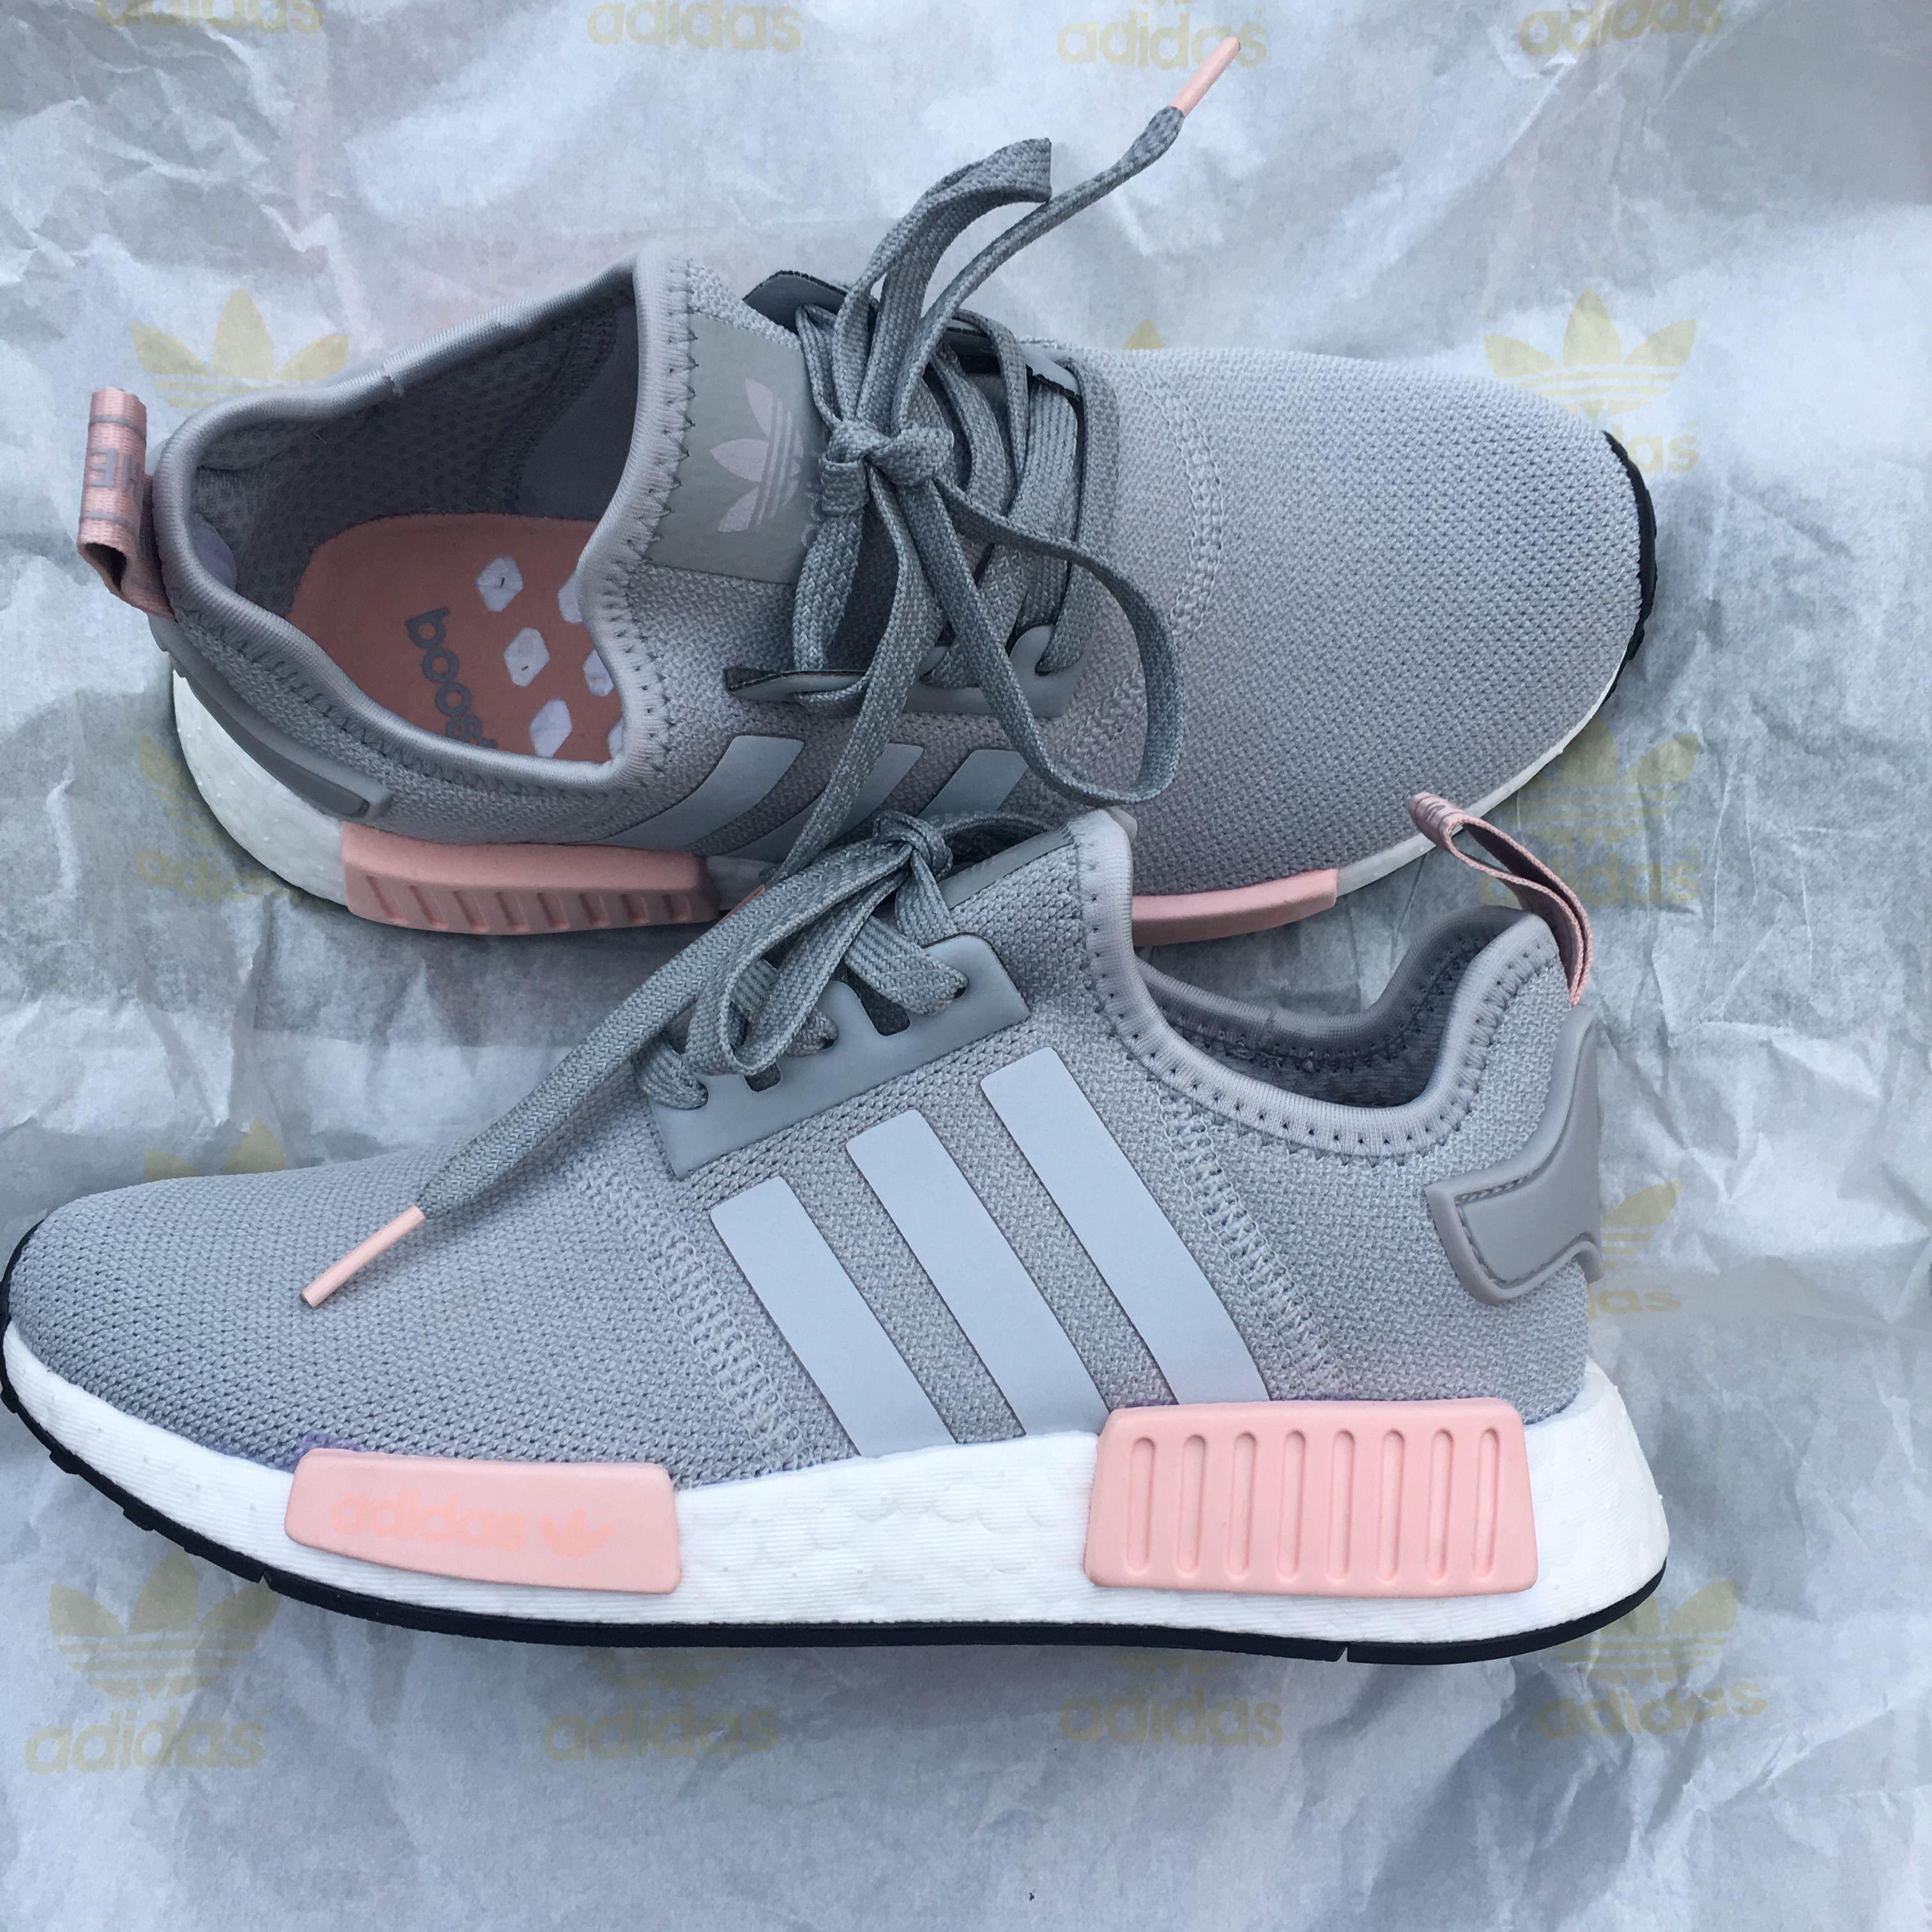 Adidas NMD   Addidas shoes, Grey tennis